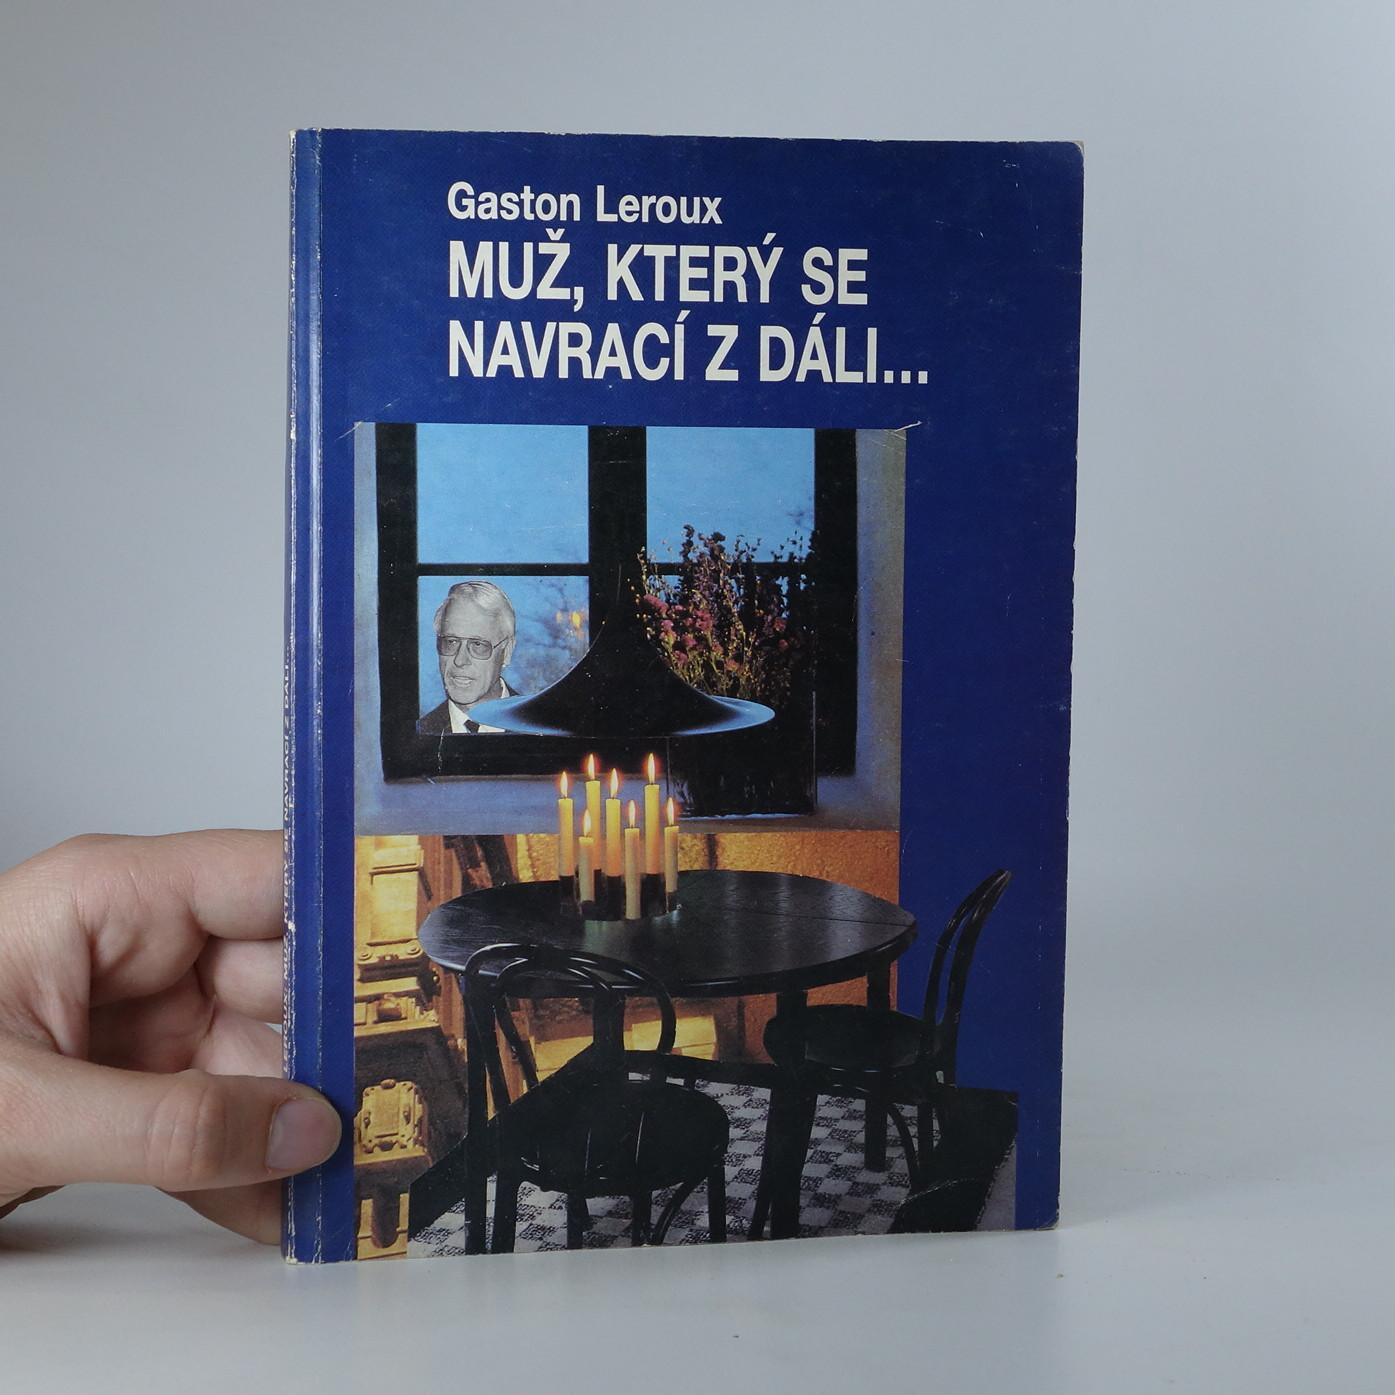 antikvární kniha Muž, který se navrací z dáli..., 1992